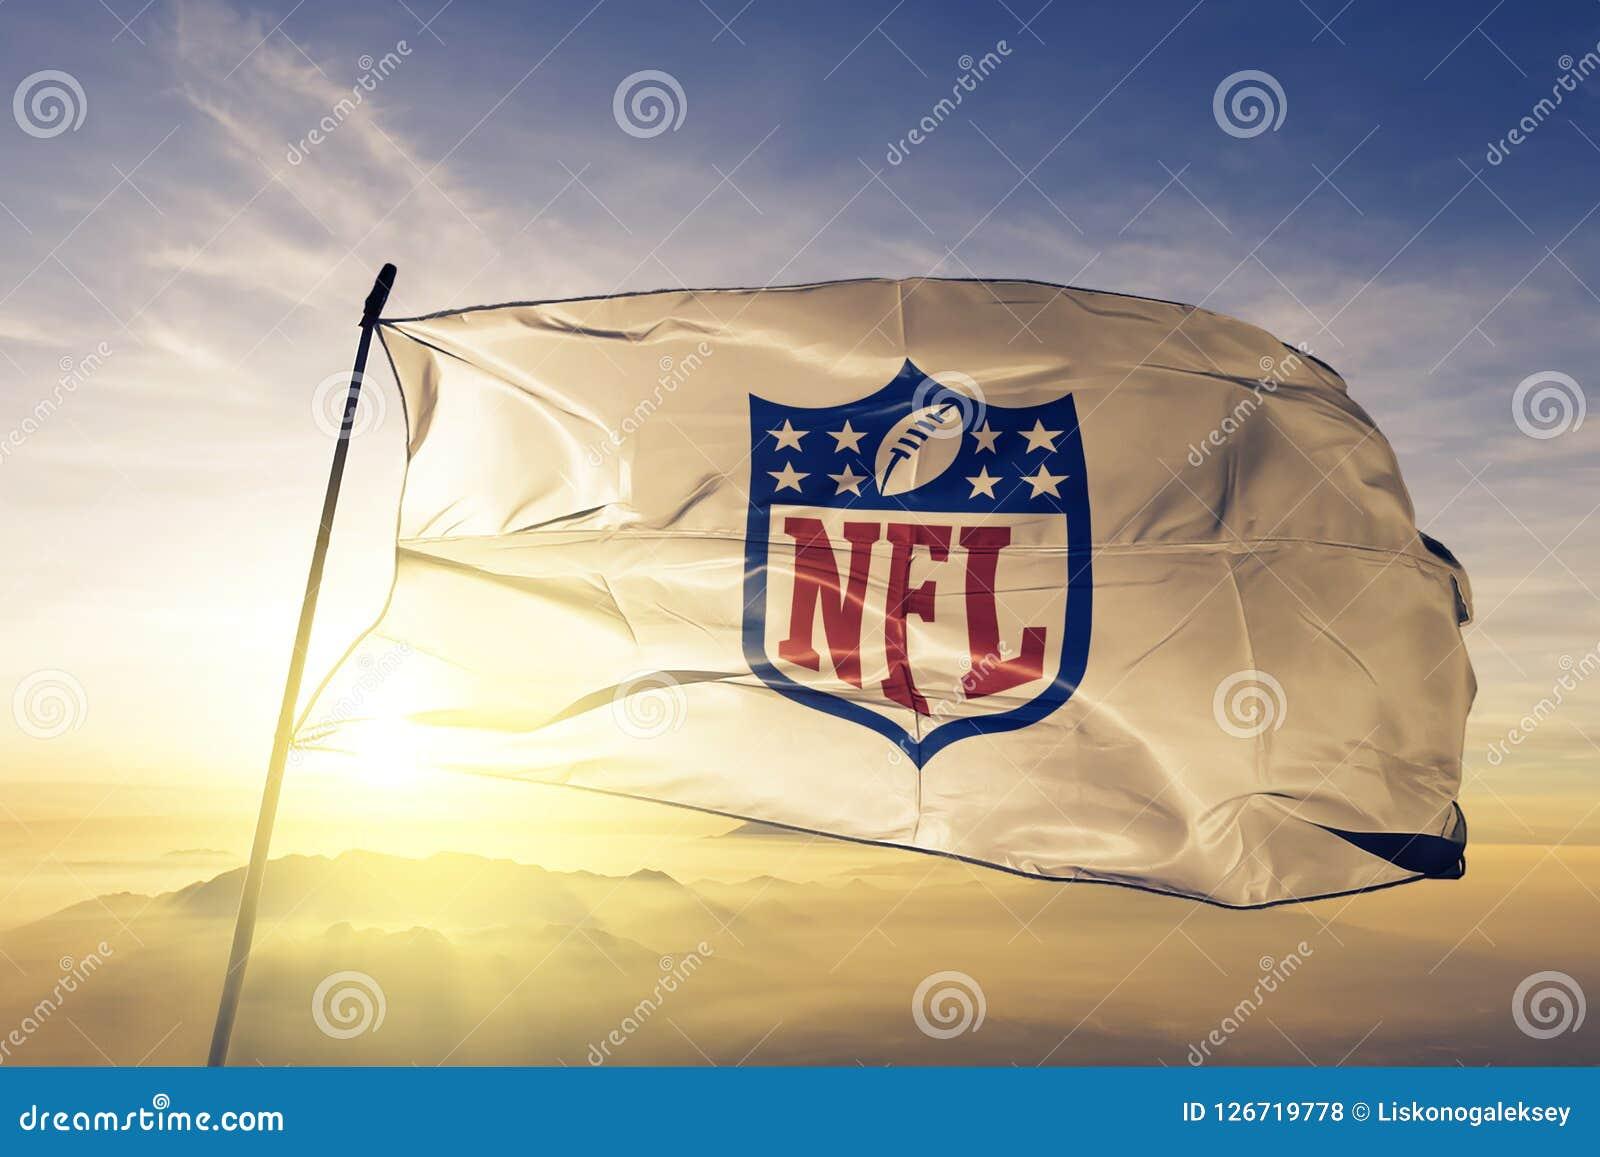 Ткань ткани ткани флага логотипа Профессиональной лиги американского футбола NFL развевая на верхнем тумане тумана восхода солнца